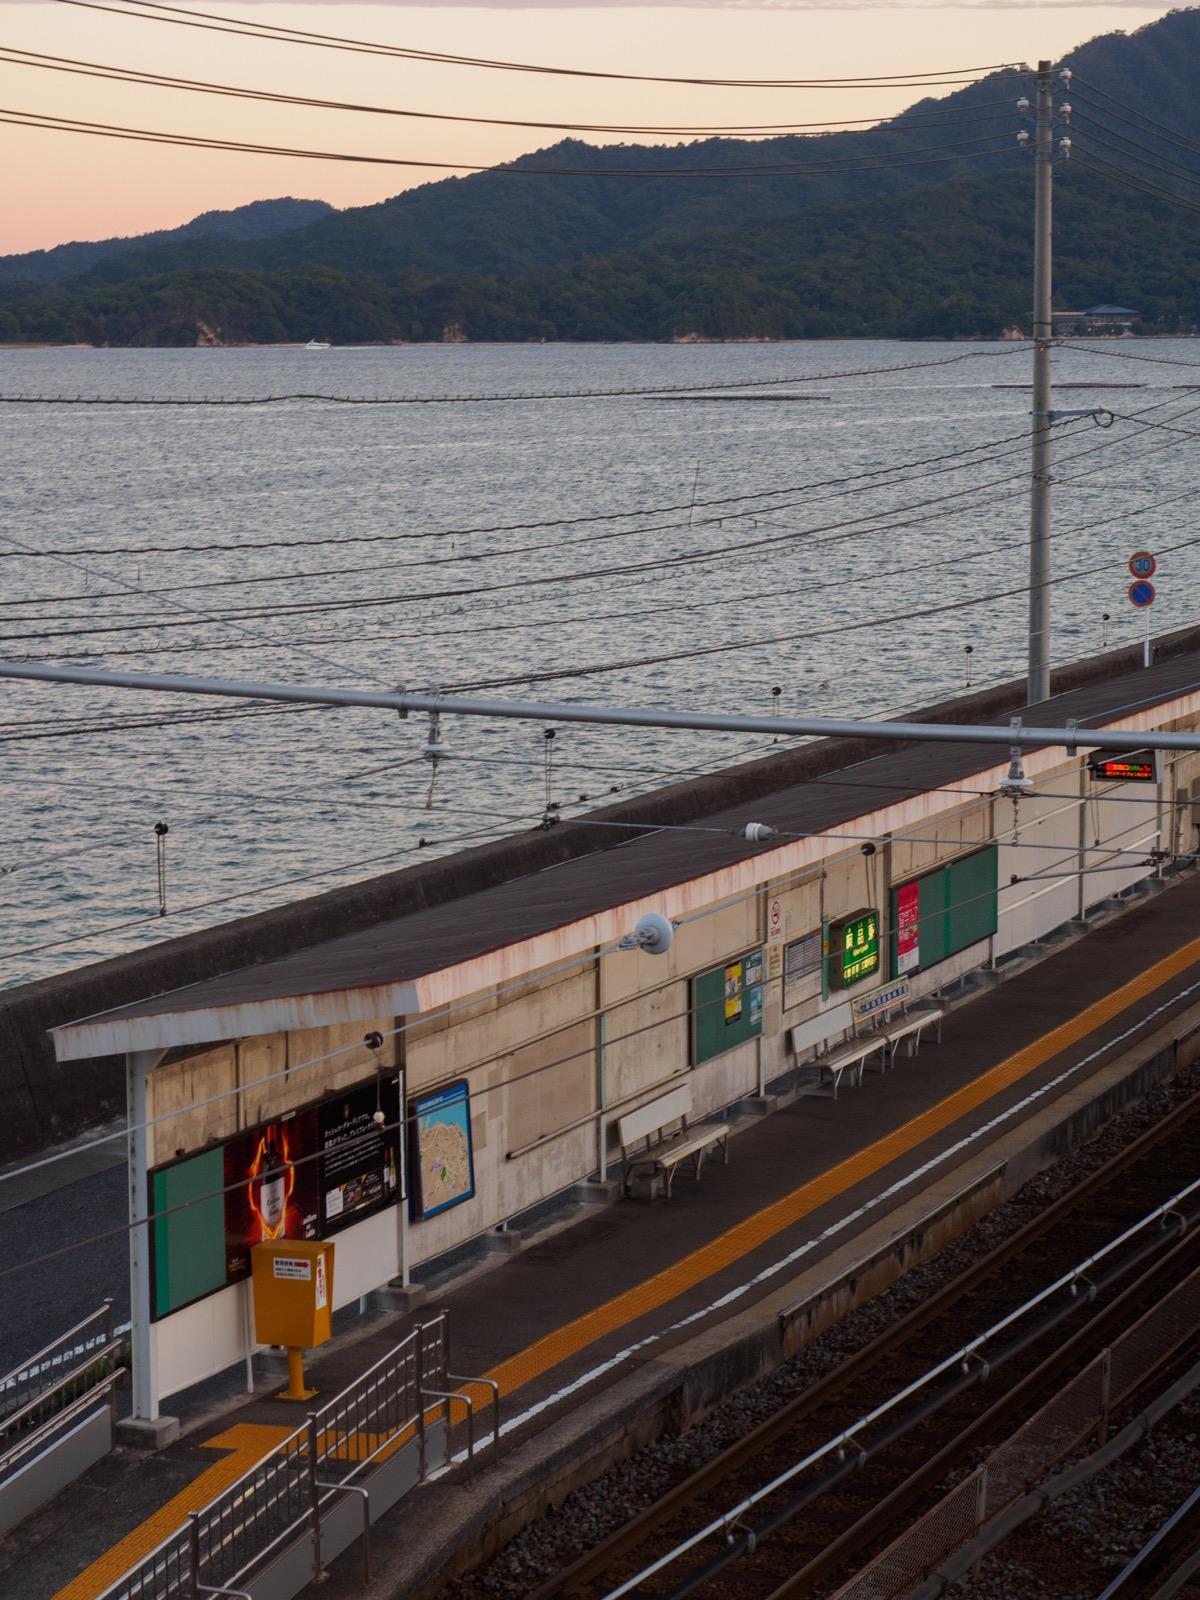 阿品東駅の跨線橋から見るホームと瀬戸内海